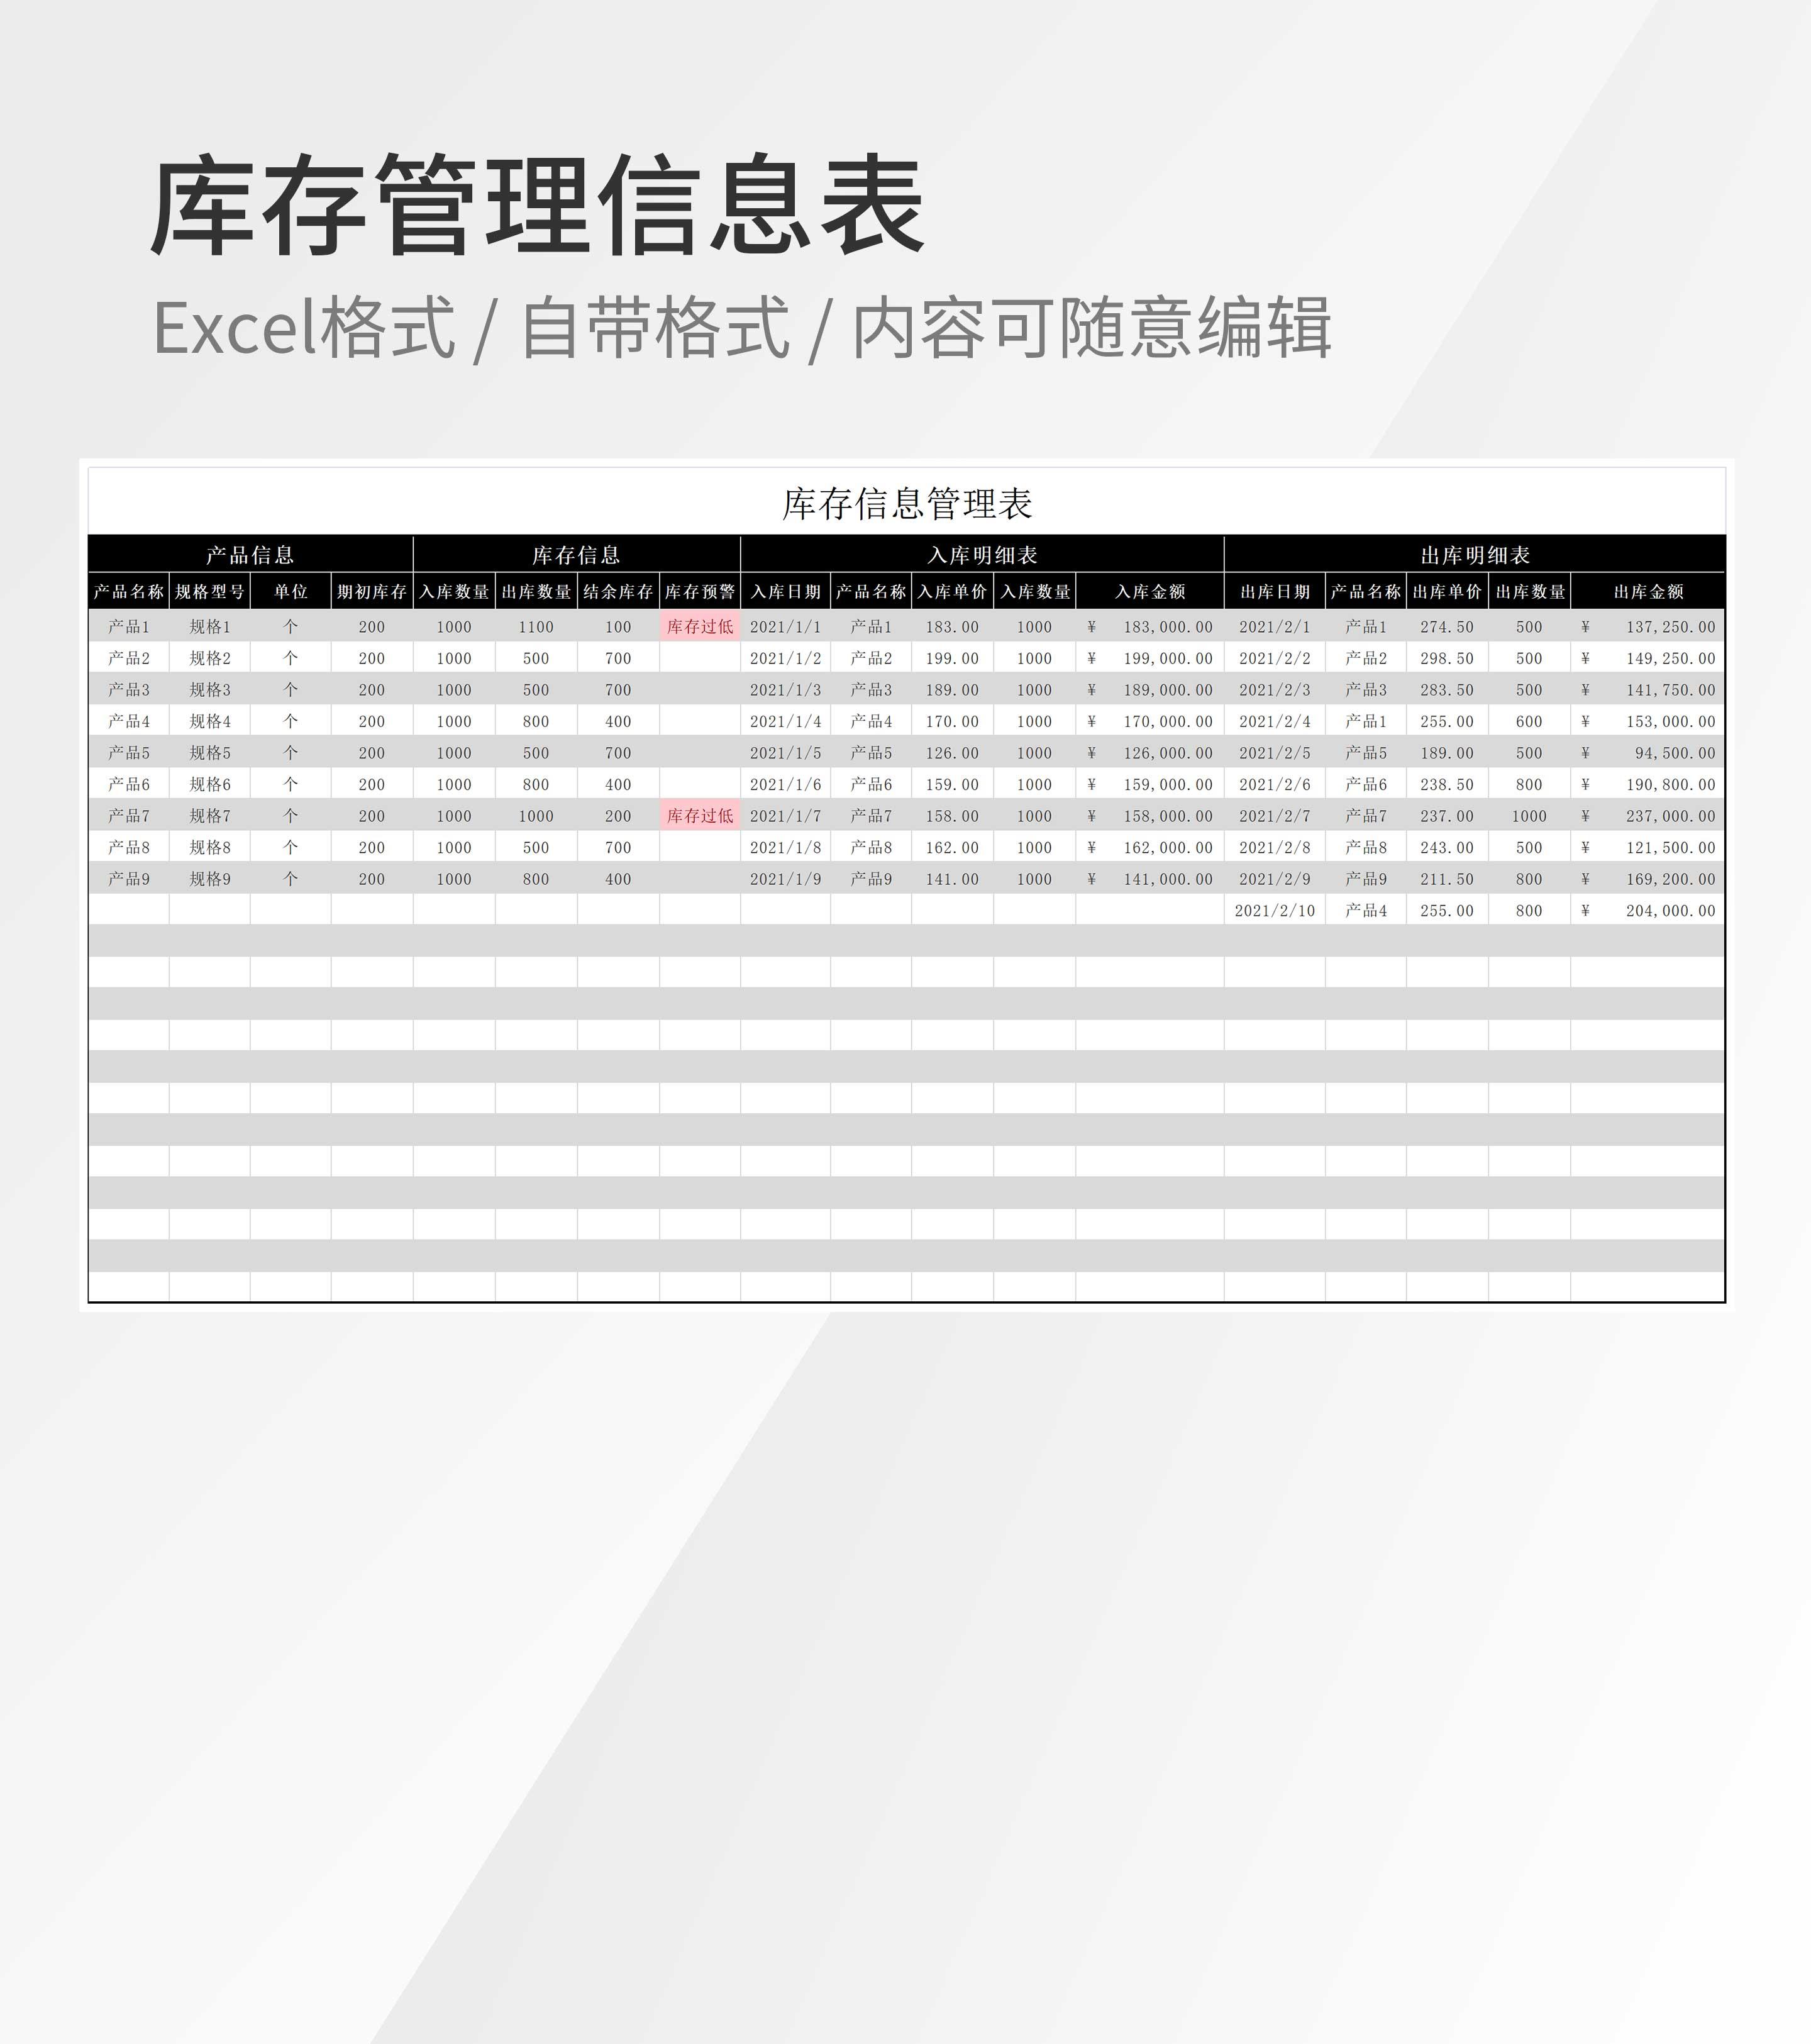 库存管理信息表Excel模板